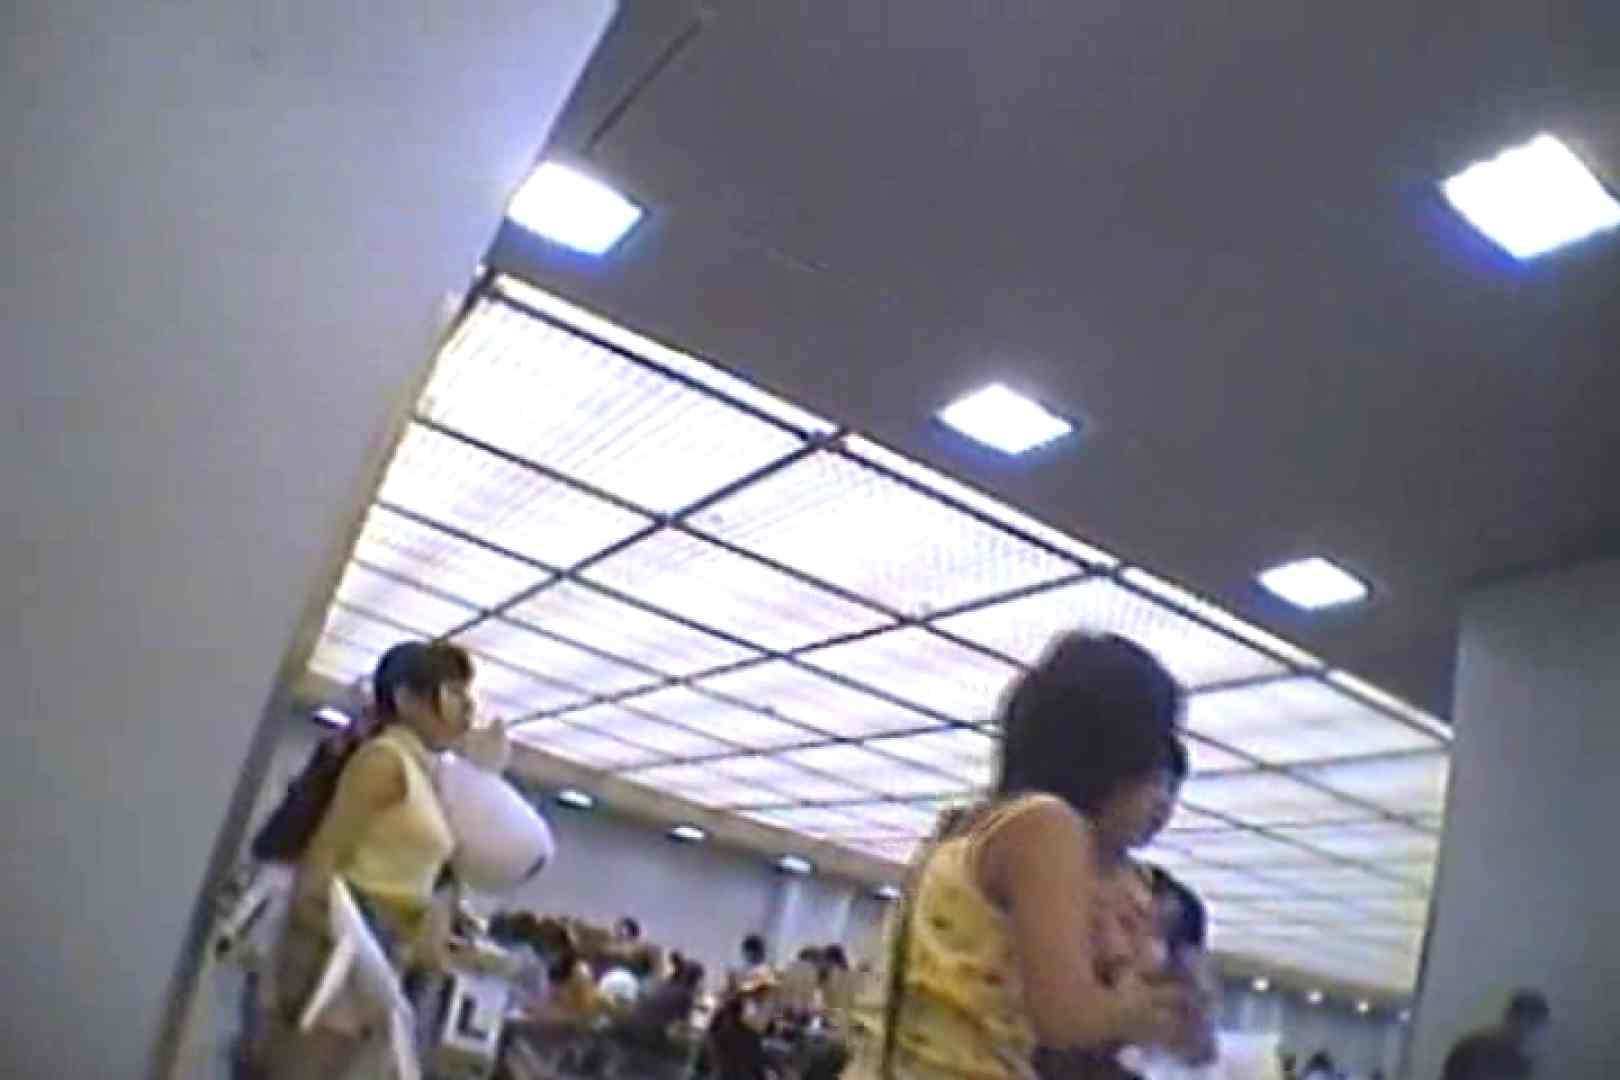 パンツ舞うコミックマーケットVol.5 ハプニング AV動画キャプチャ 55pic 11